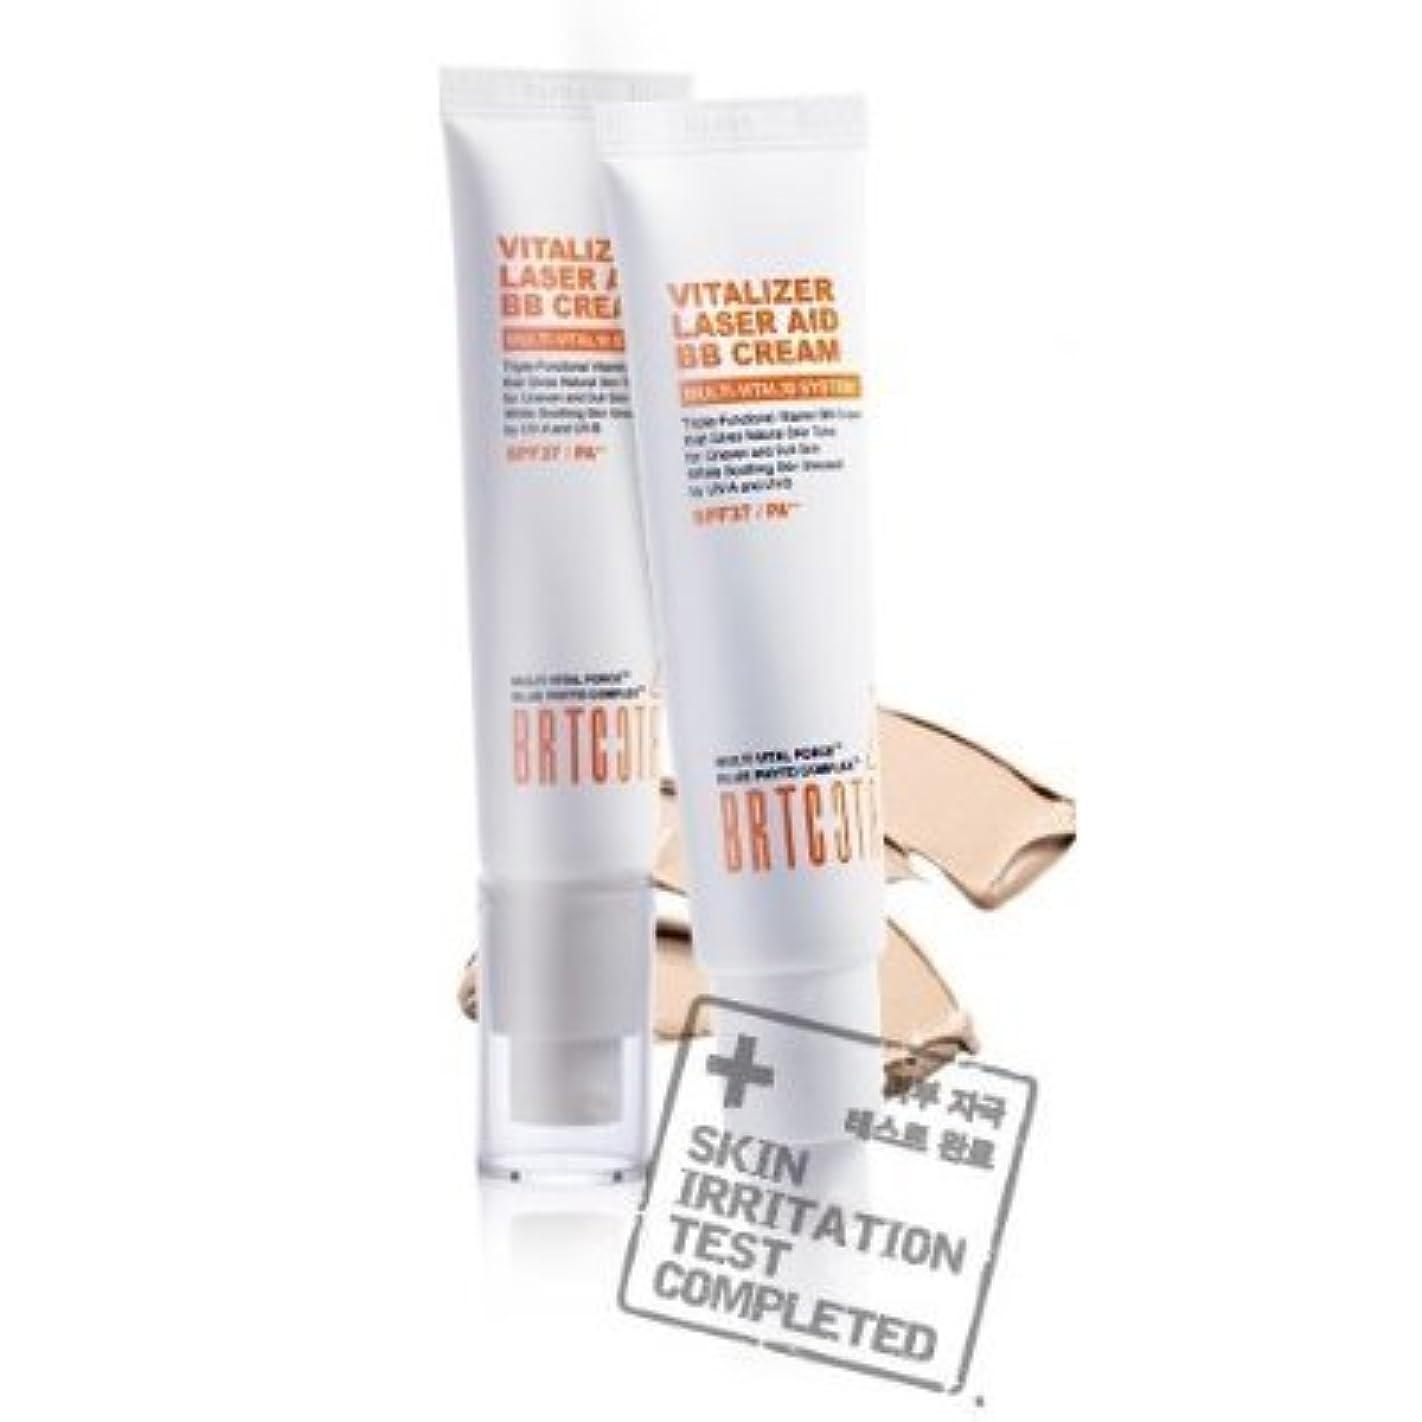 言い聞かせる反逆本を読むKOREAN COSMETICS, BRTC, Vitalizer Laser Aid BB Cream 35g (whitening, anti-wrinkle, UV protection SPF37/PA + +,...